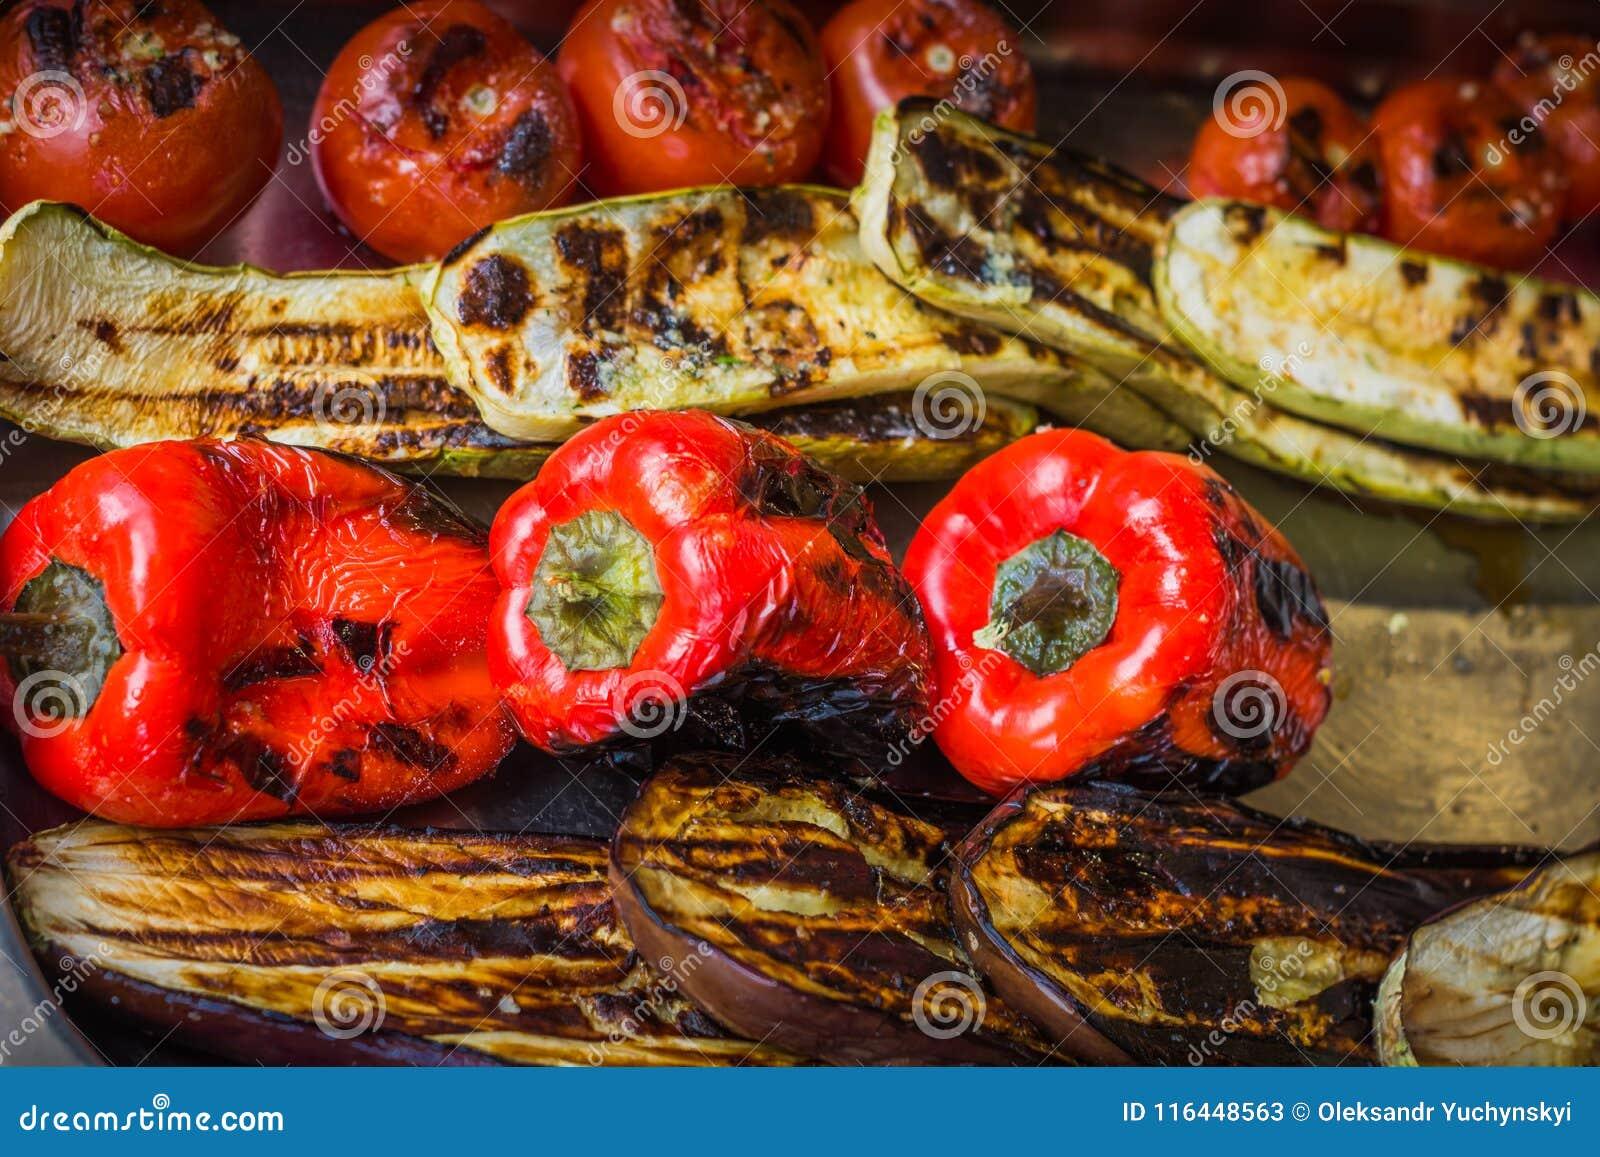 Geroosterd en lichtjes gebrande peper, aubergines, tomaten en courgette